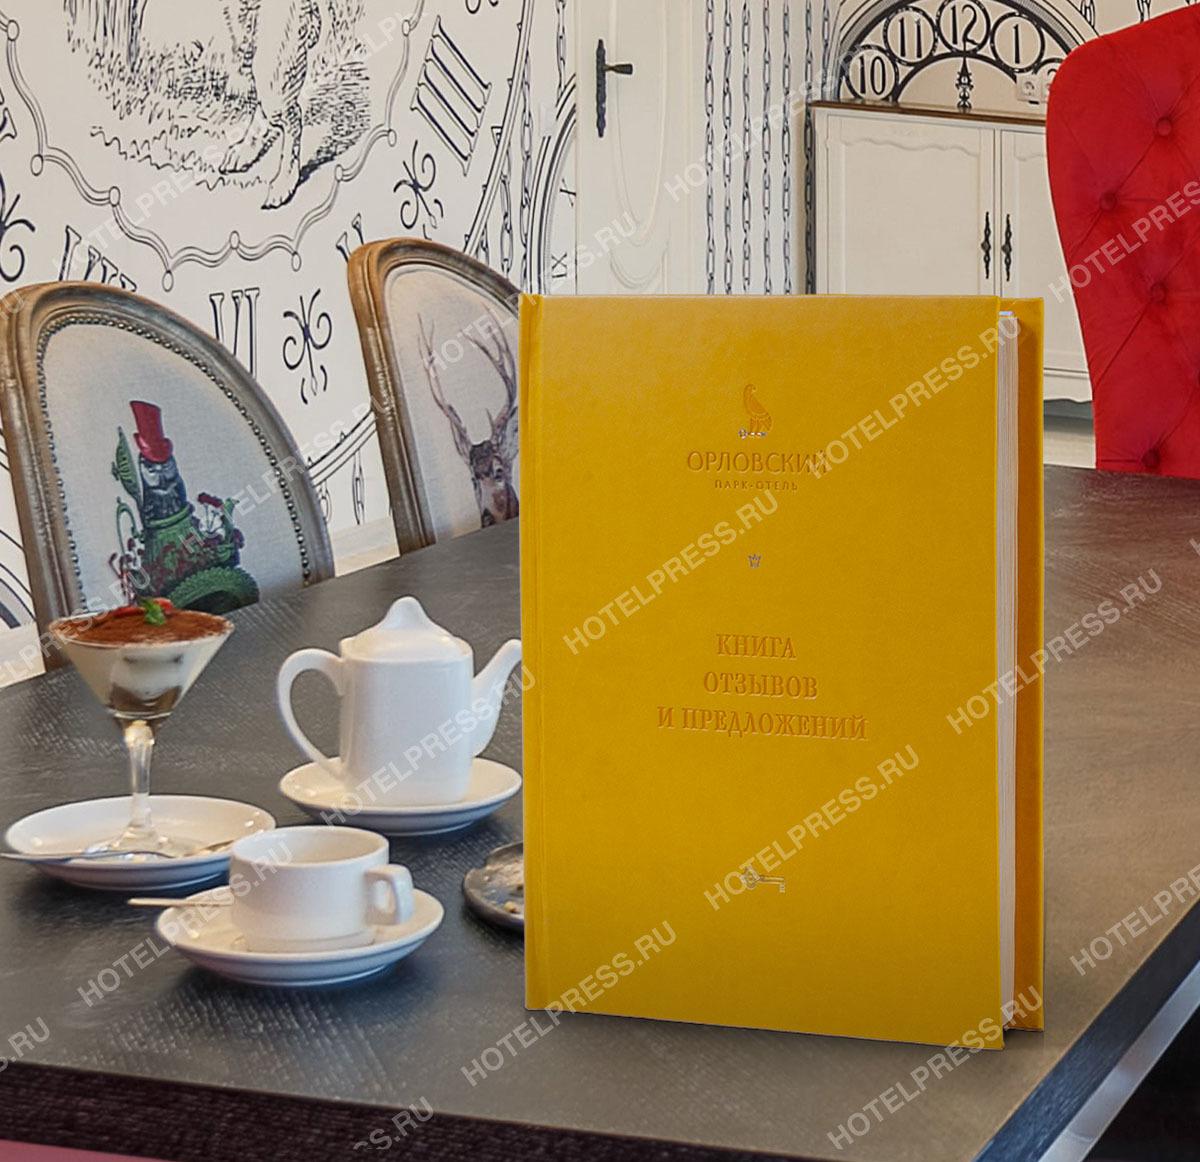 Книга отзывов и предложений для гостиничного комплекса Орловский